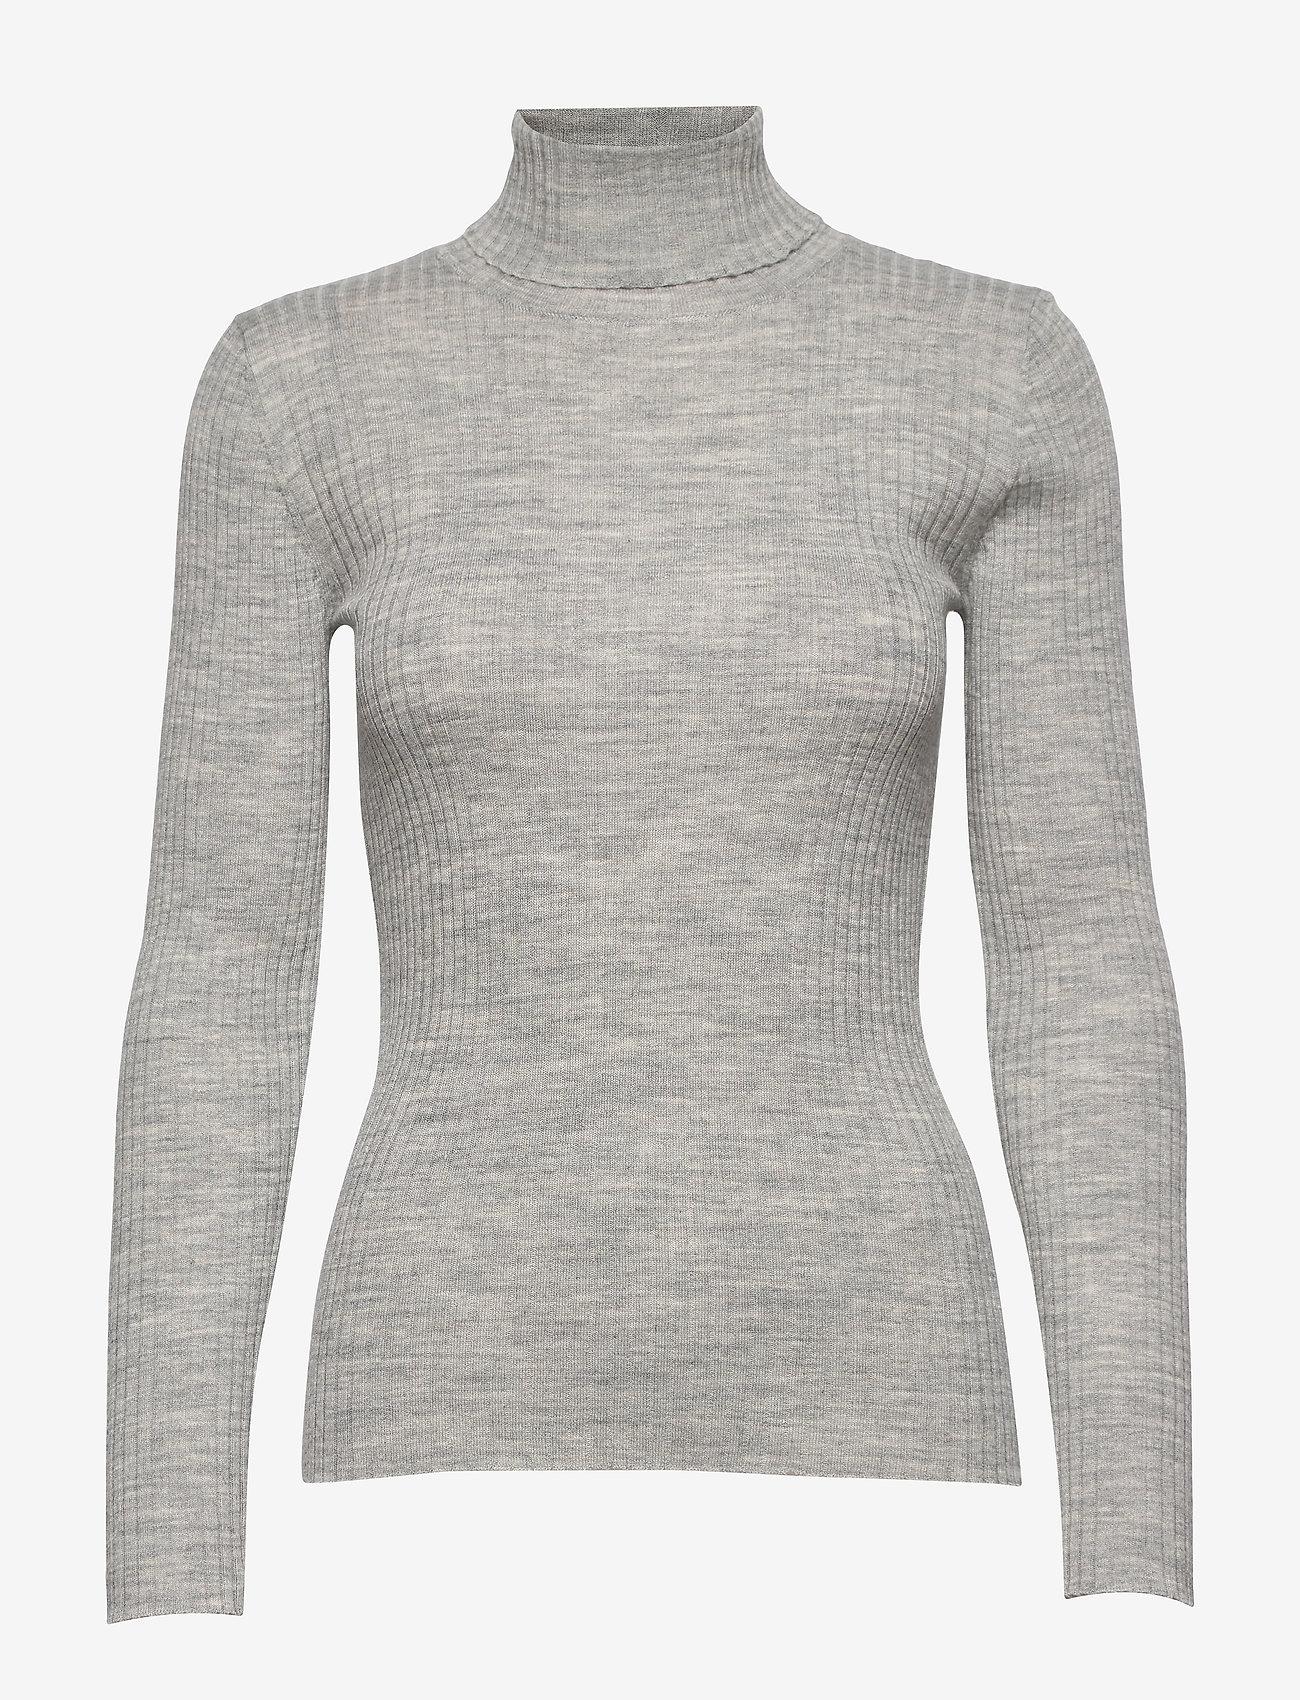 Selected Femme - SLFCOSTA LS KNIT RIB ROLLNECK NOOS B - turtlenecks - light grey melange - 0